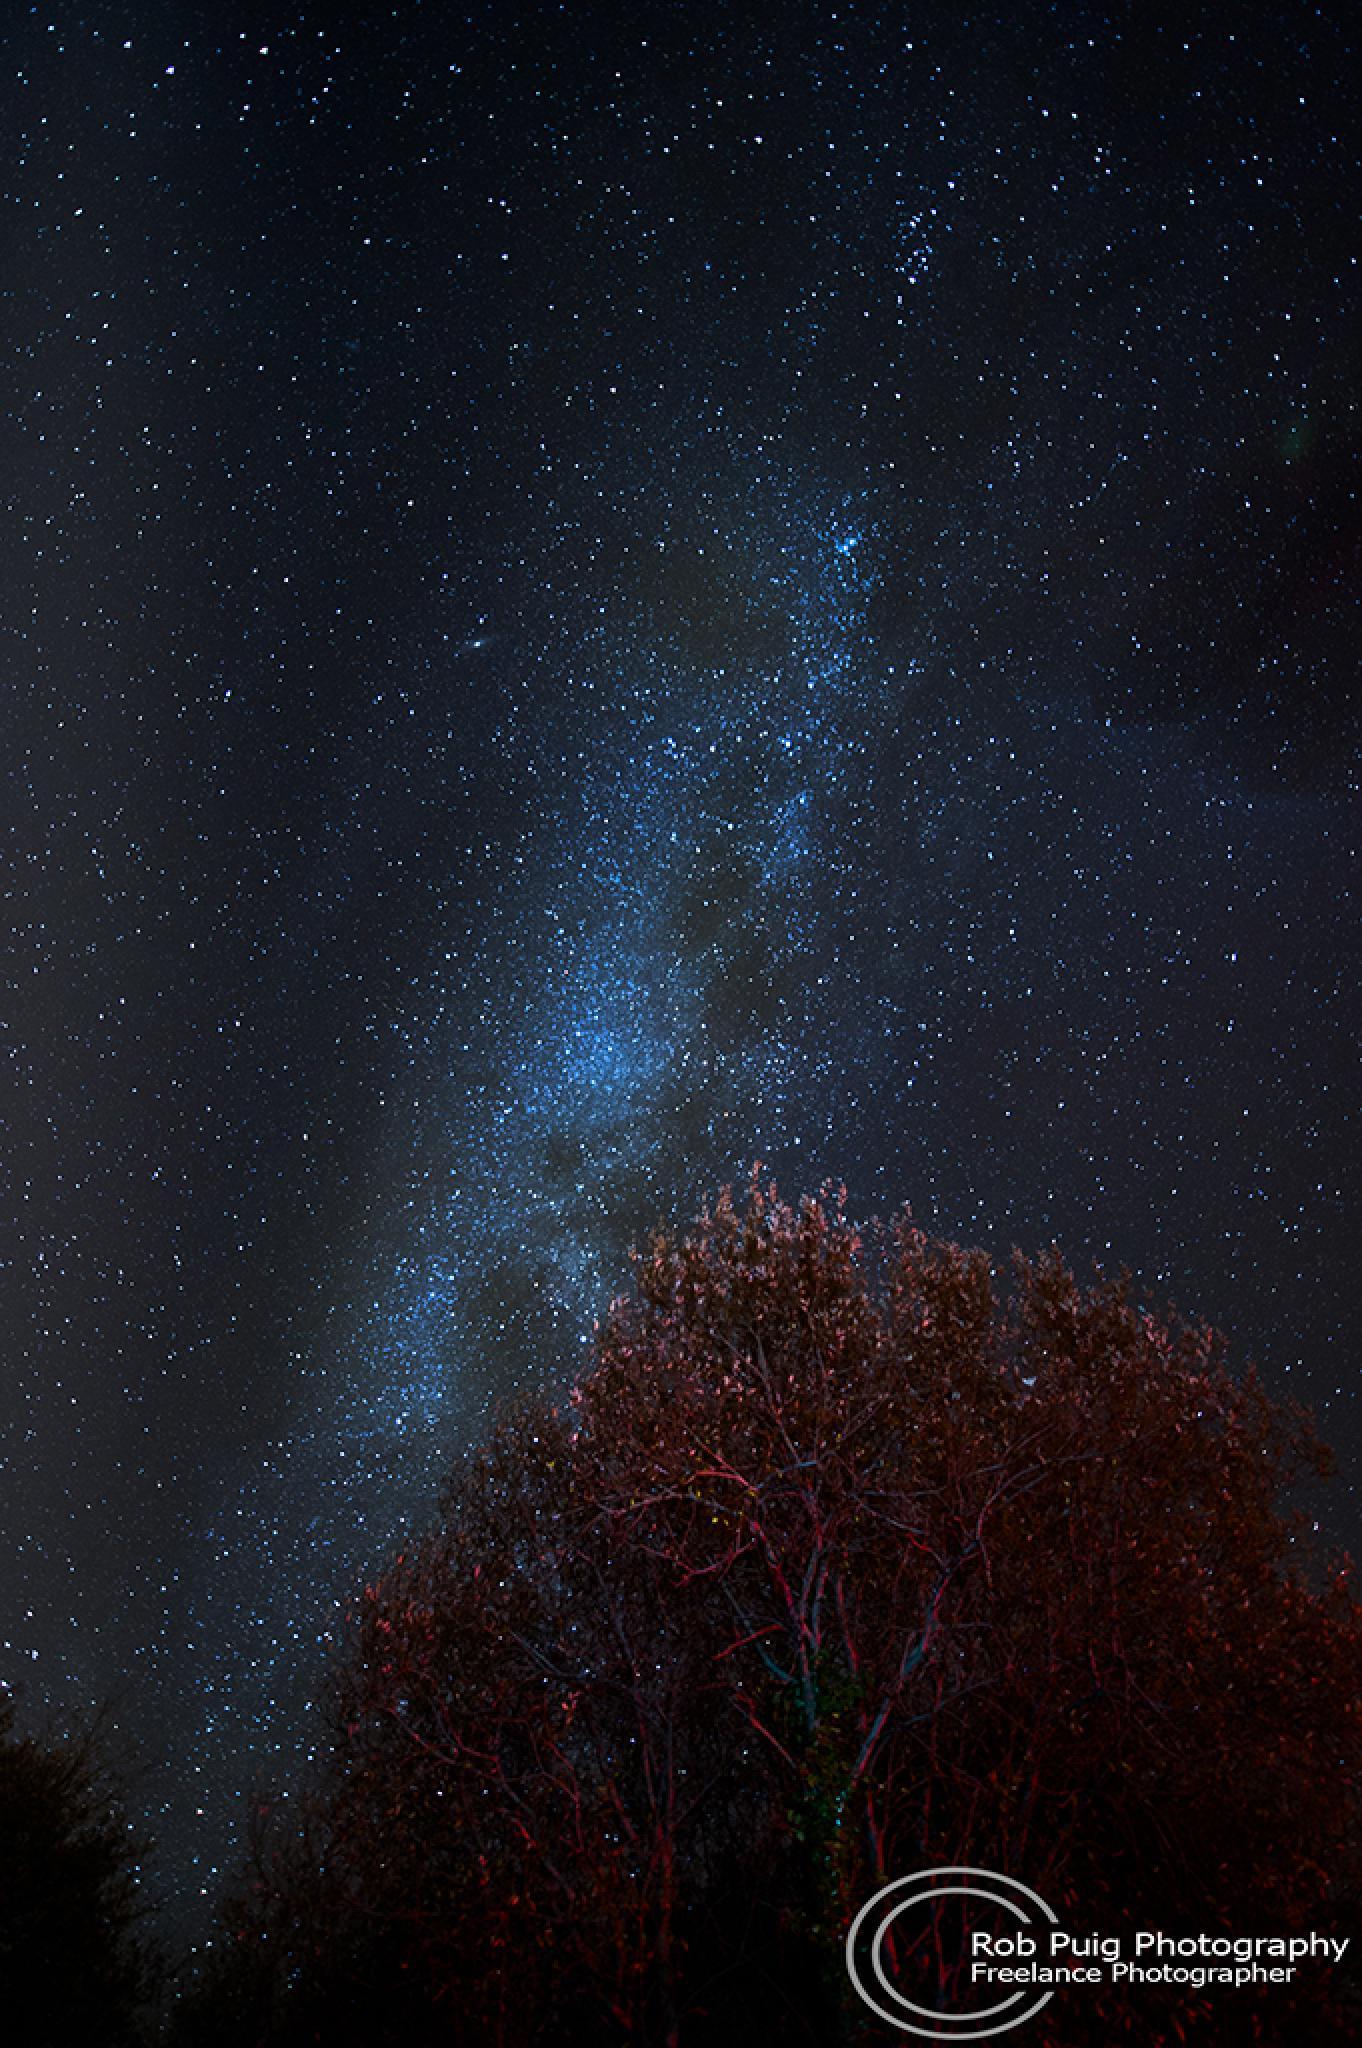 Sky at night by Robert Puig